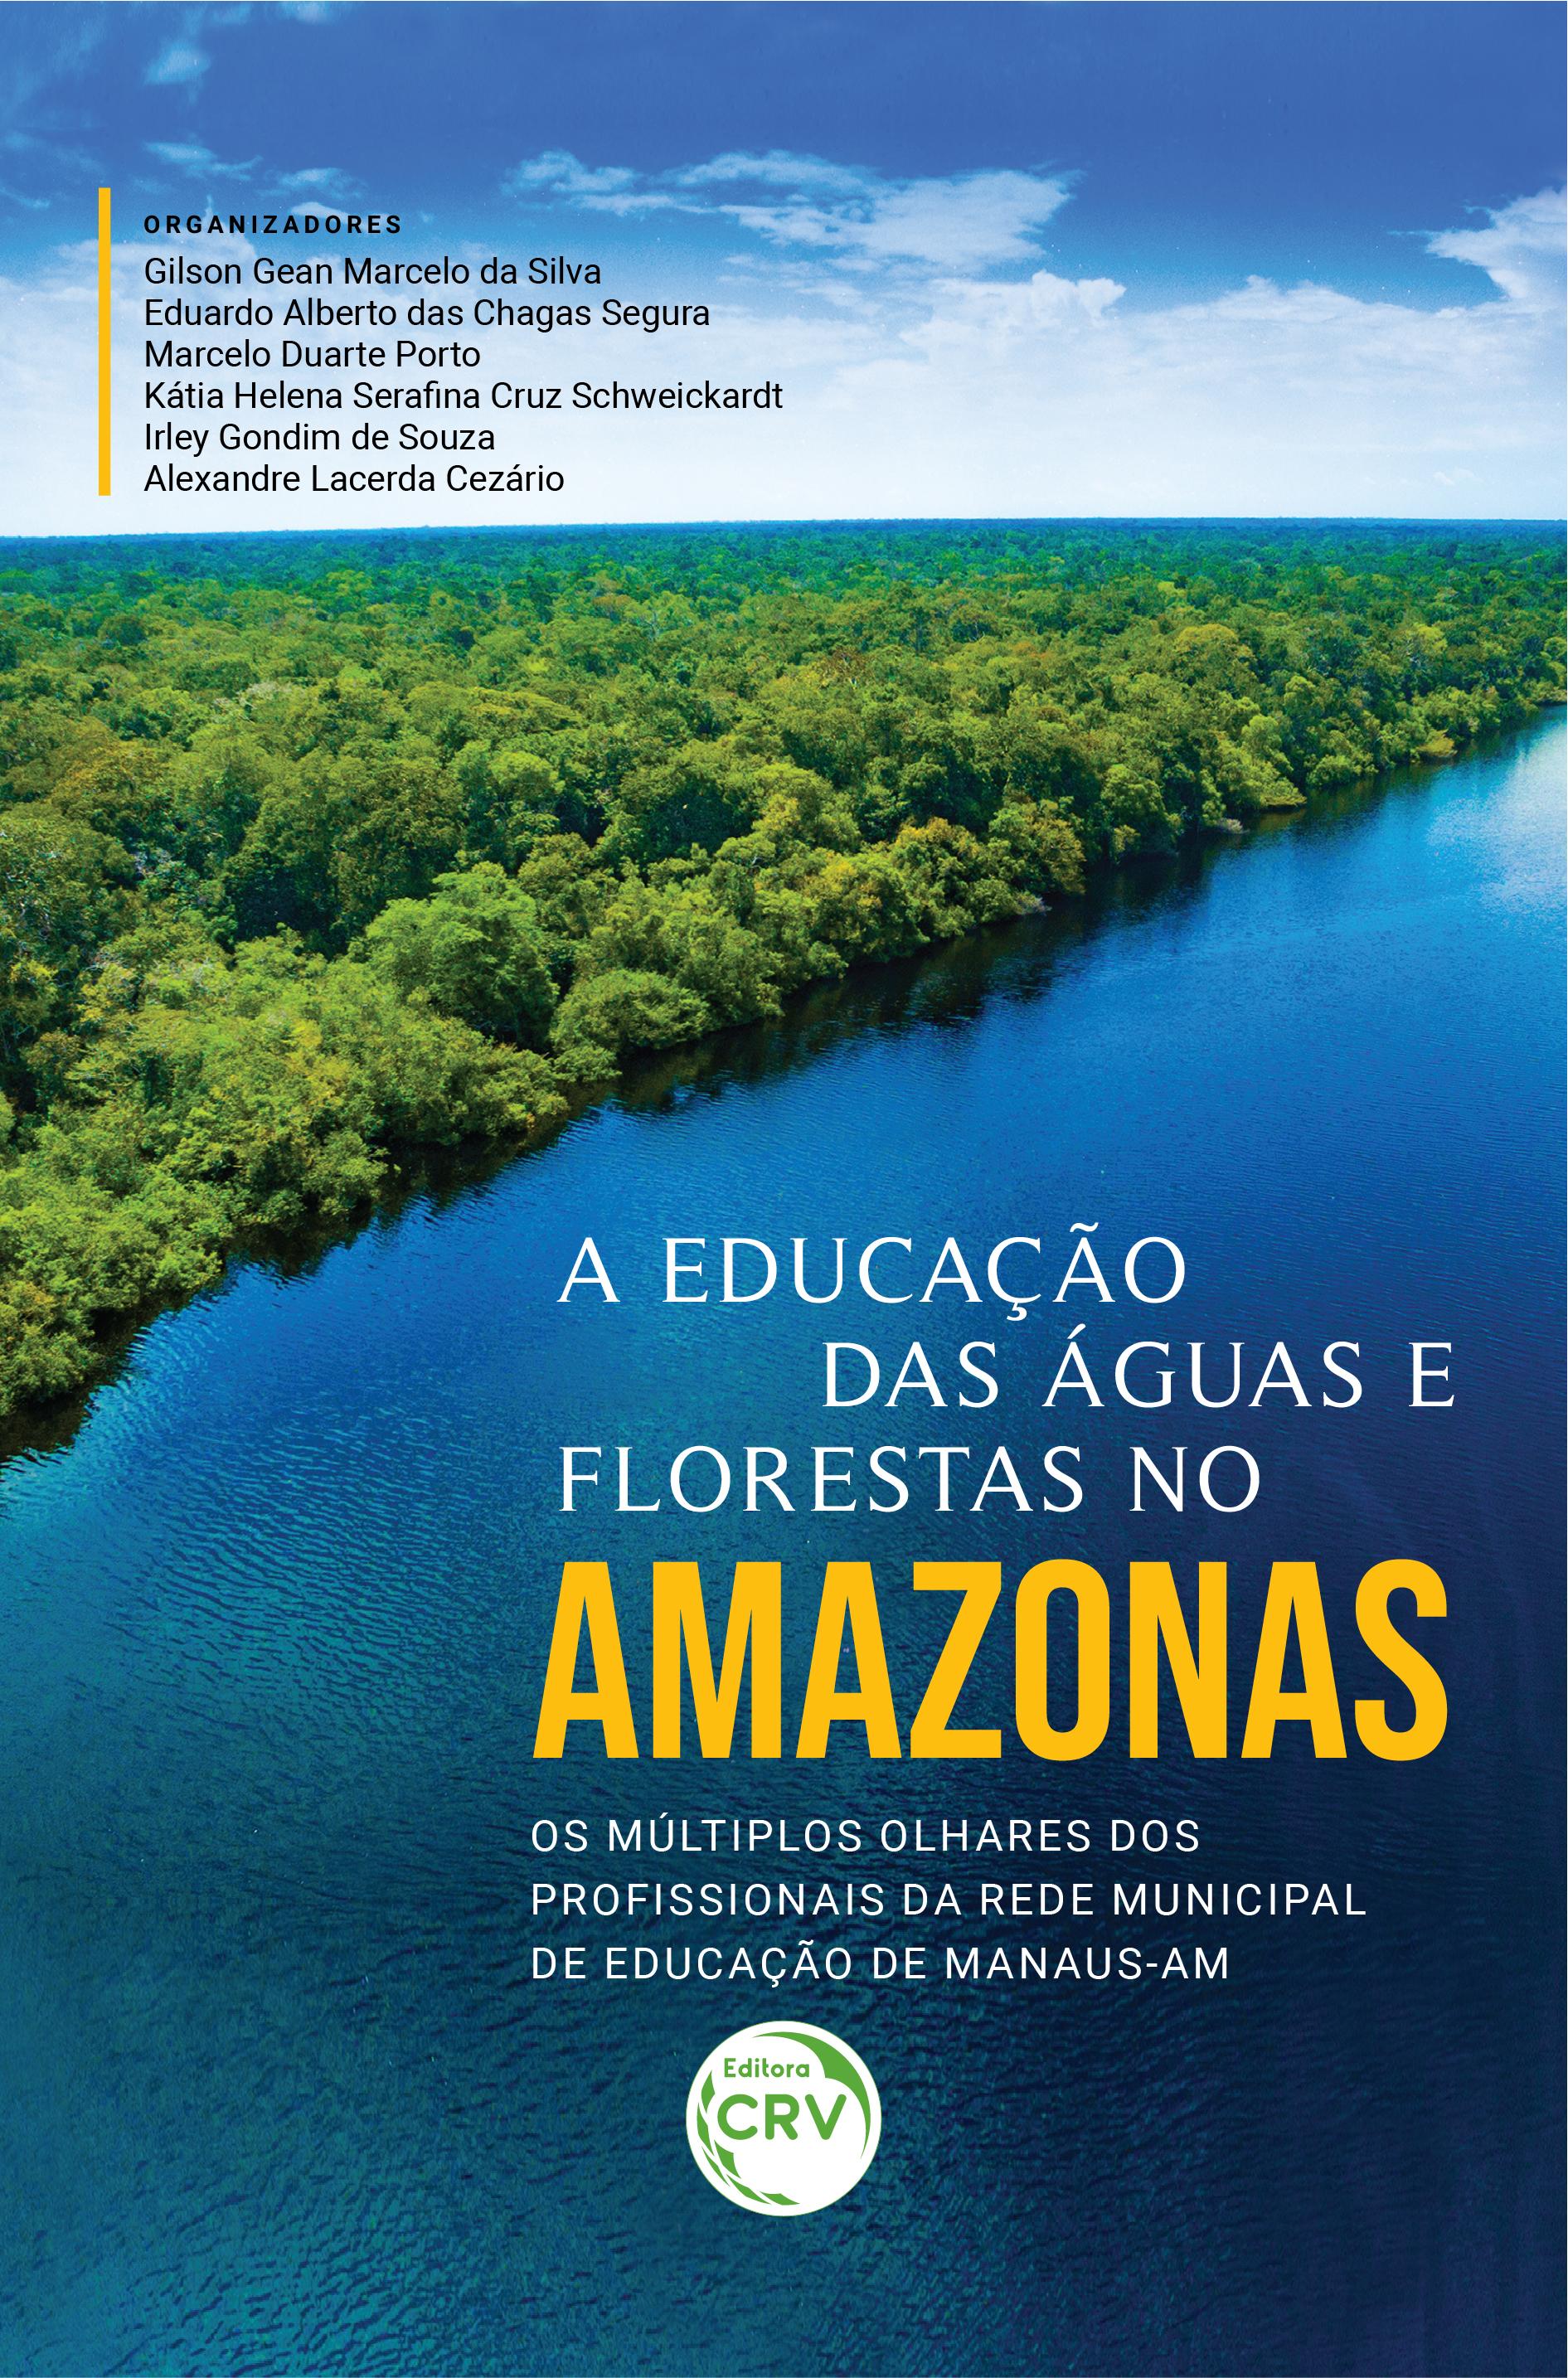 Capa do livro: A EDUCAÇÃO DAS ÁGUAS E FLORESTAS NO AMAZONAS – OS MÚLTIPLOS OLHARES DOS PROFISSIONAIS DA EDUCAÇÃO DA REDE MUNICIPAL DE MANAUS-AM